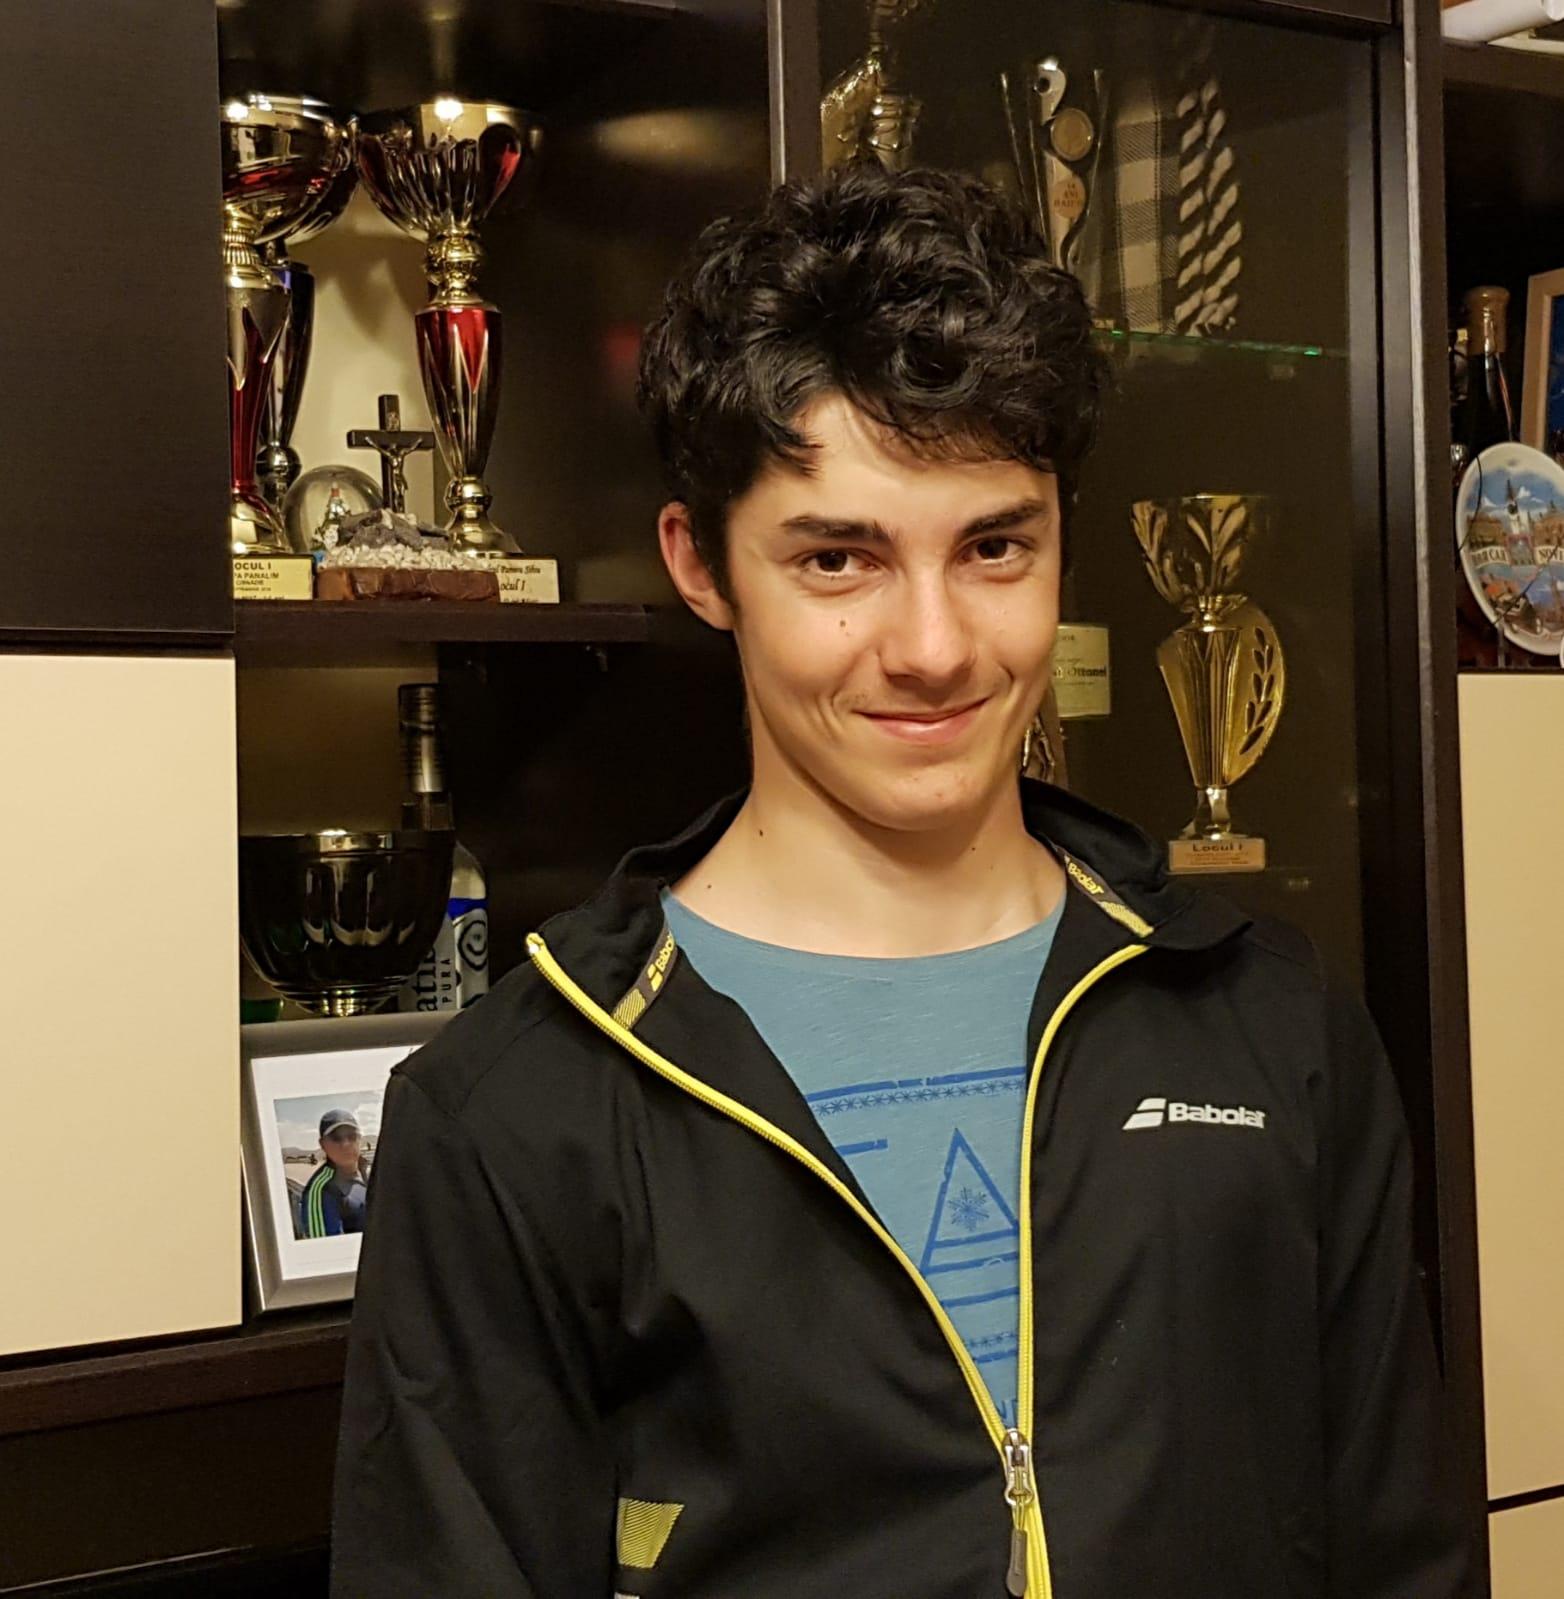 Alexandru Stupar, tenismenul sibian în vârstă de 17 ani, are un palmares sportiv de invidiat